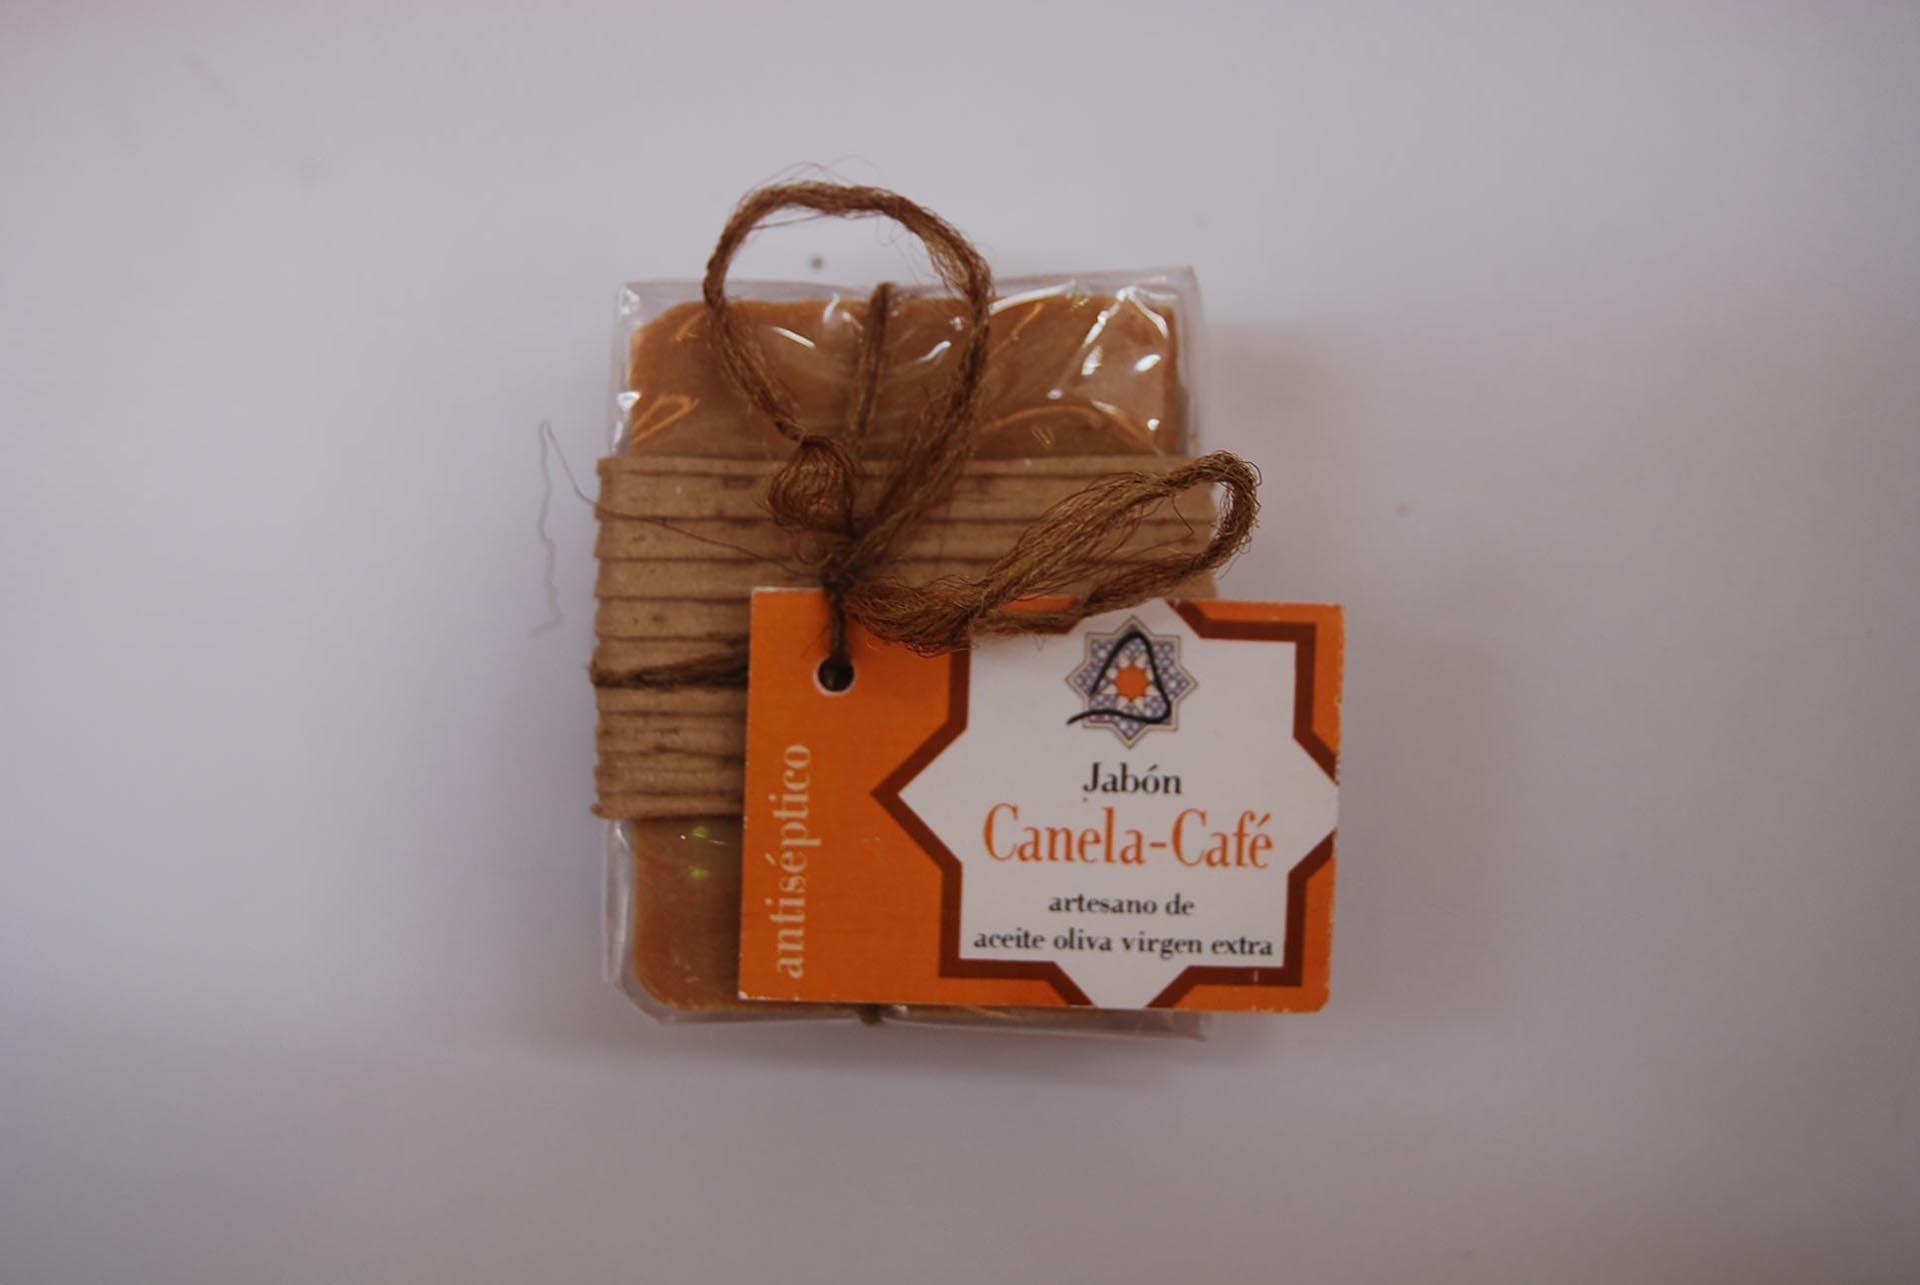 Jabón artesano de canela y café: Productos de Arahí